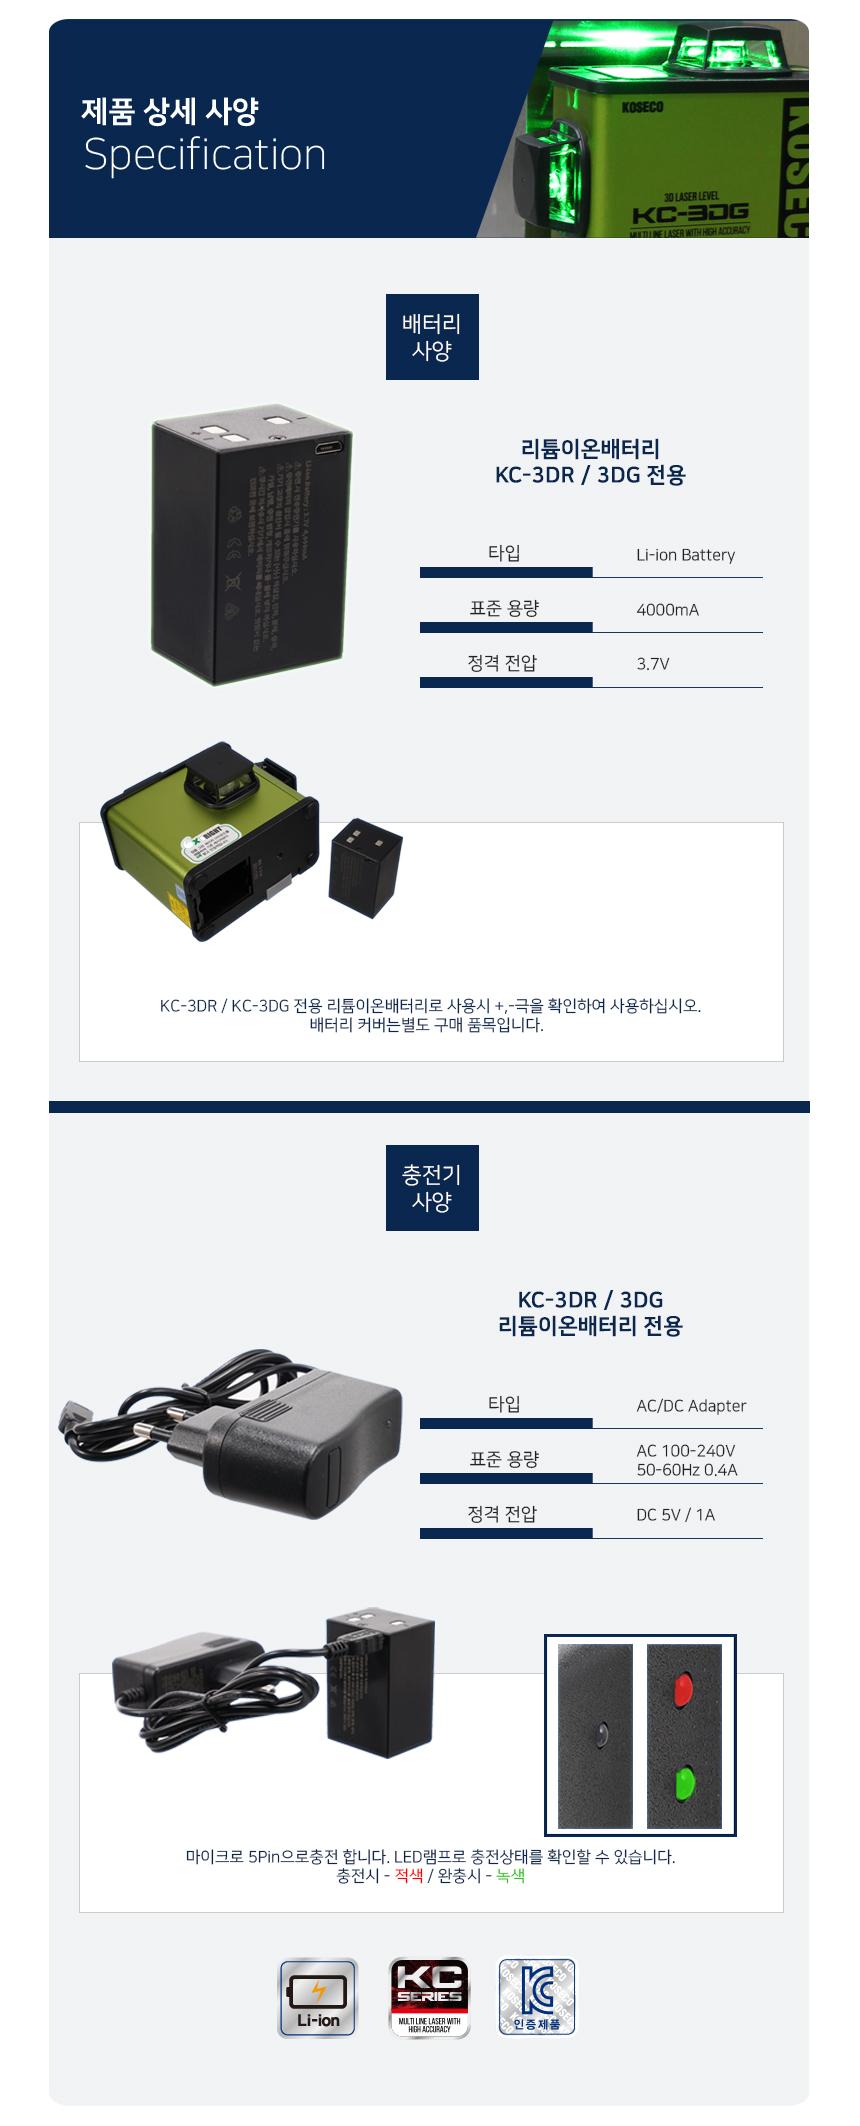 KC-3DR/3DG 전용 리튬이온배터리 충전기